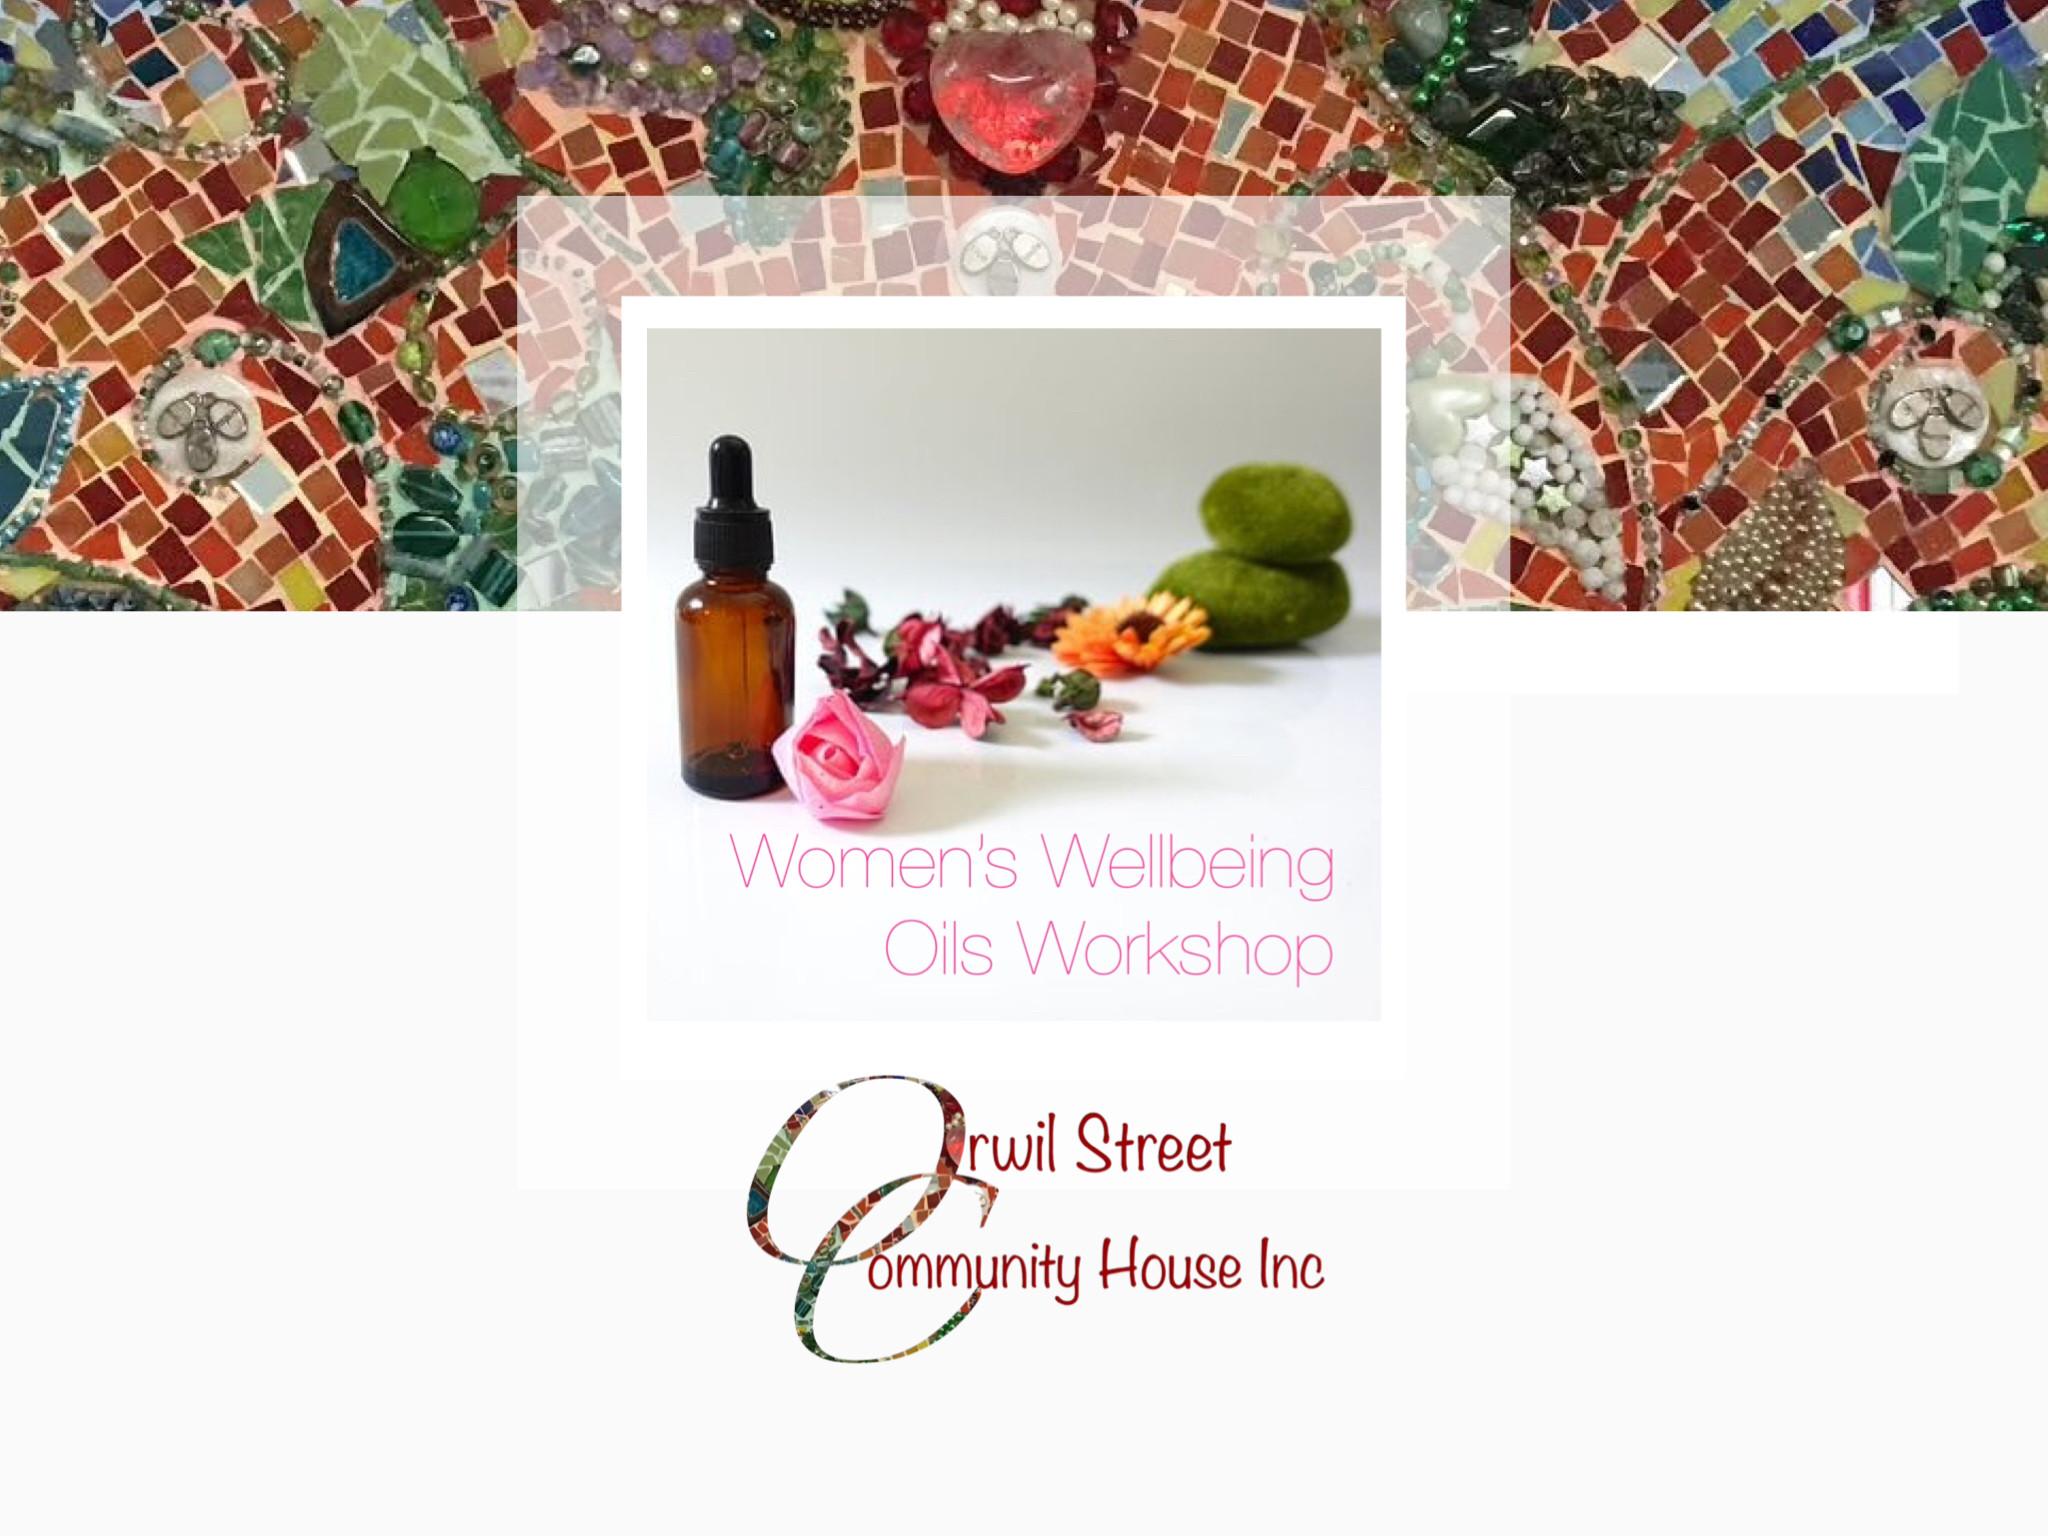 Women's Wellbeing Oils Woekshop